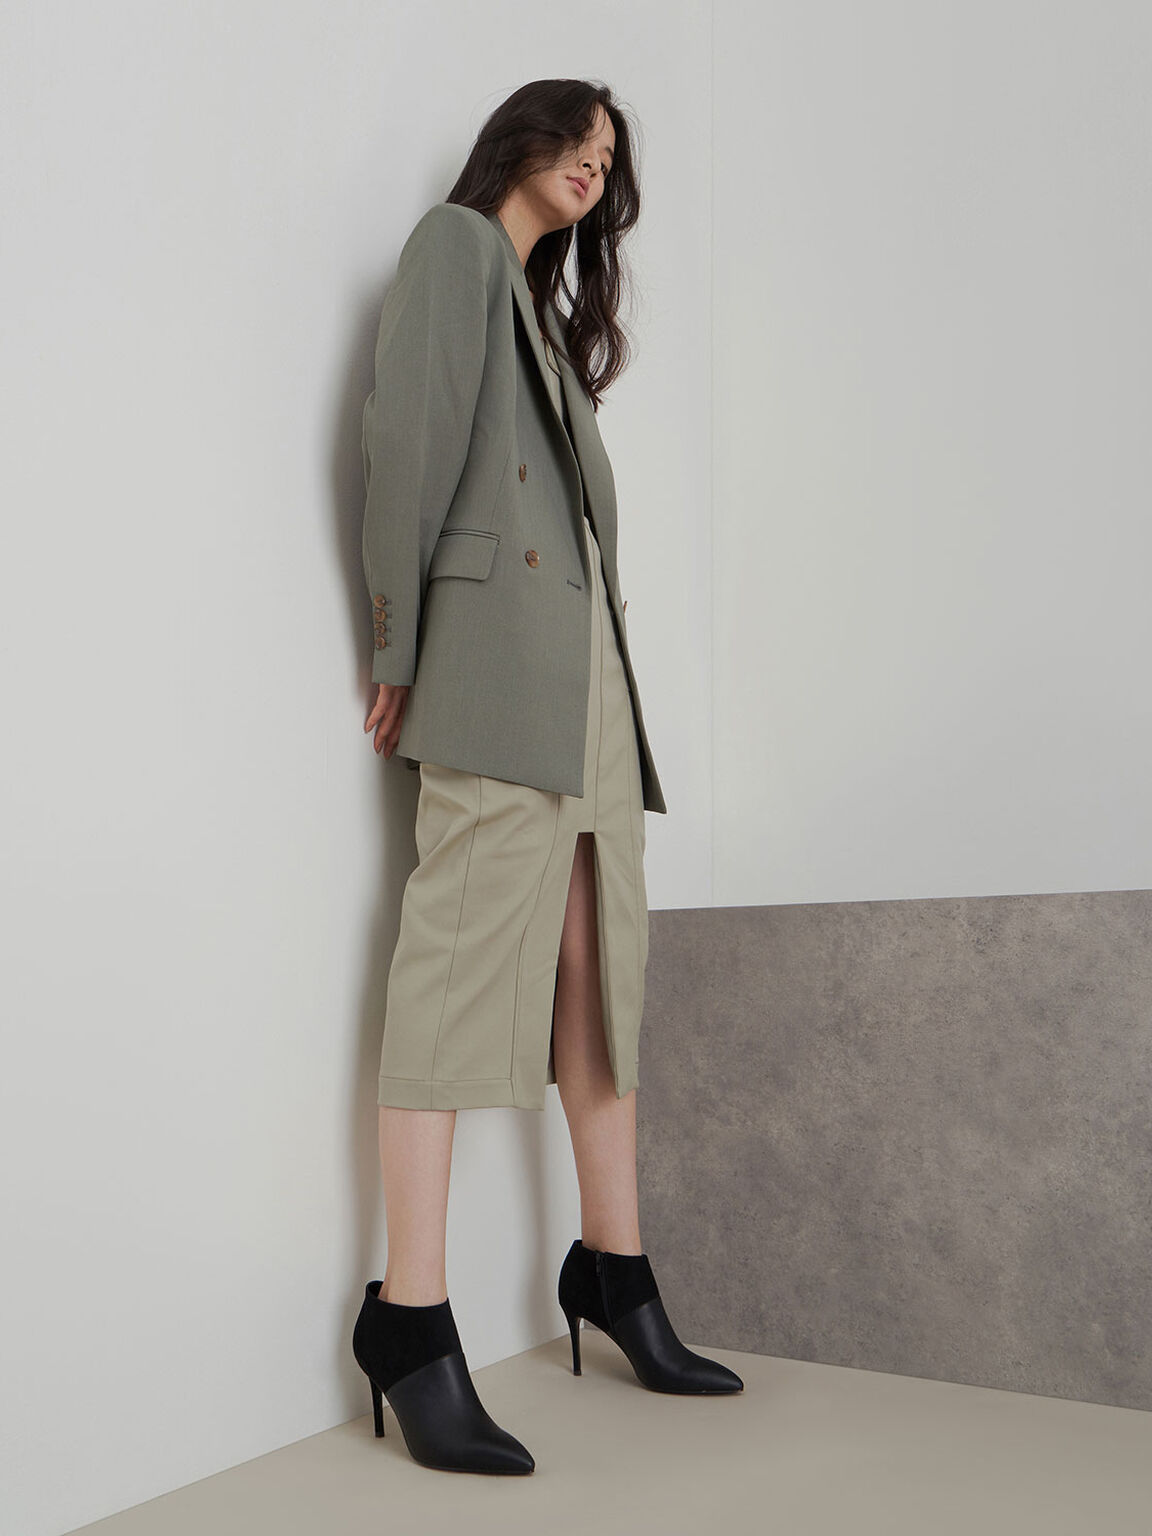 Stiletto Ankle Boots, Black, hi-res